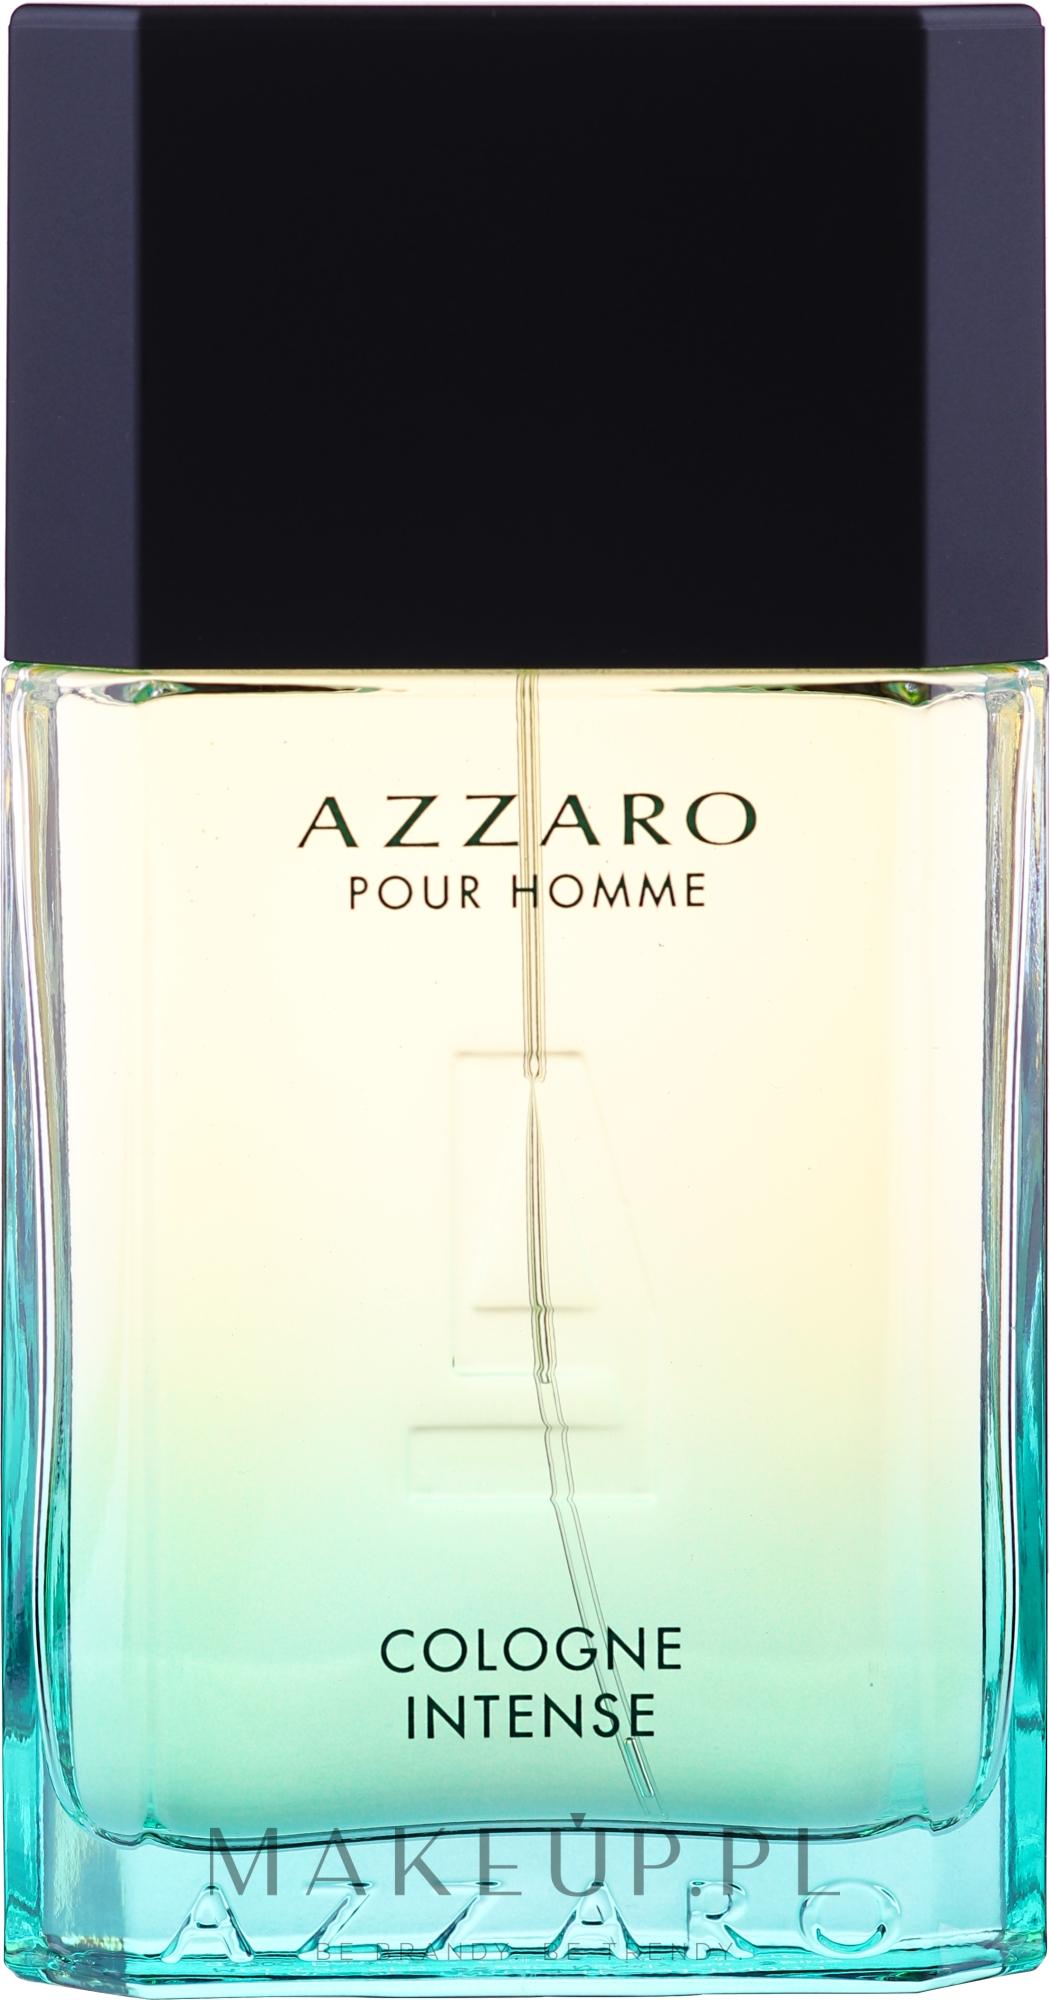 azzaro azzaro pour homme cologne intense